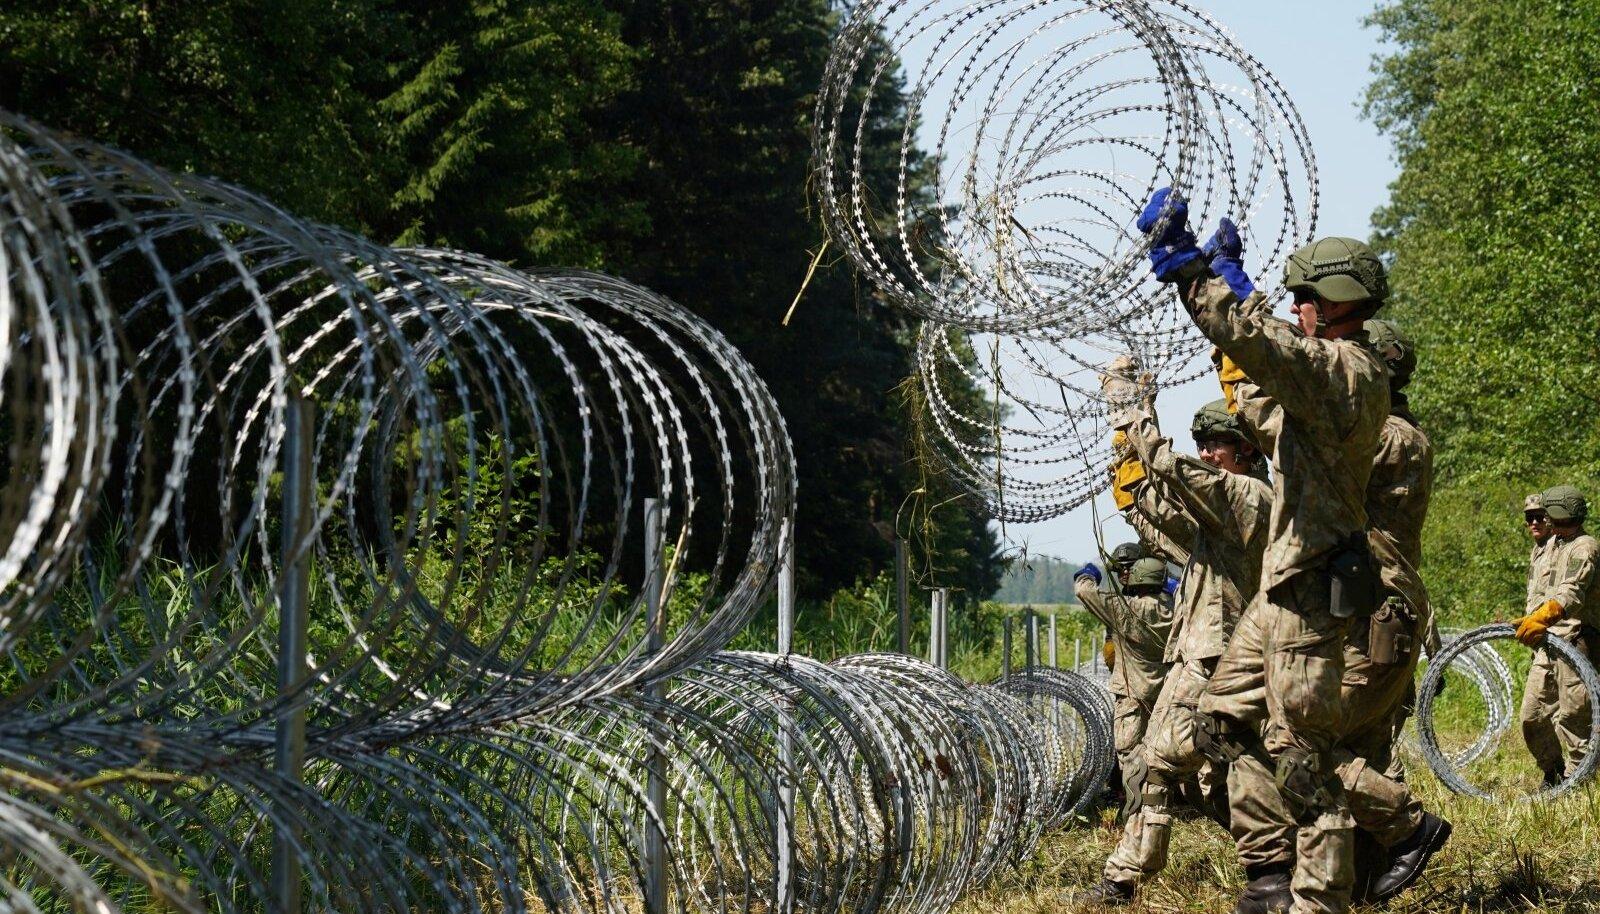 Leedu tugevdab oma piiri, kuidas jõuab